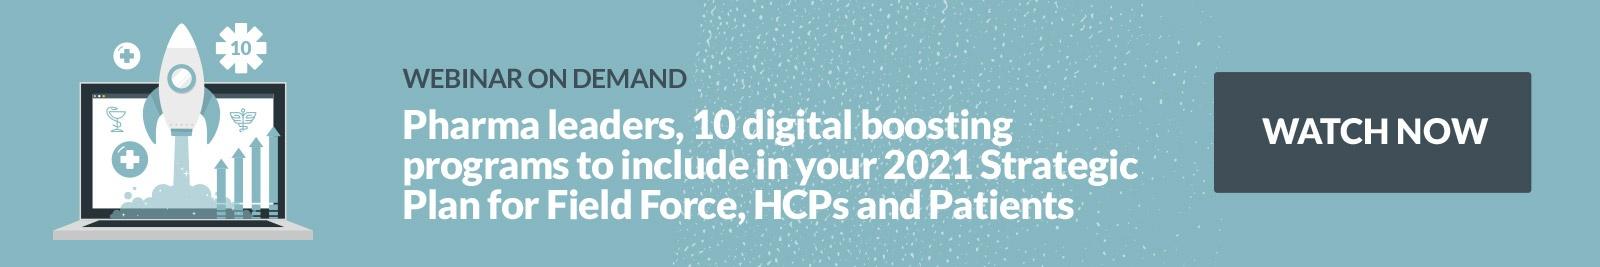 pharma - leaders - digital - programs - 2021  - strategic - field force - HCP - patients